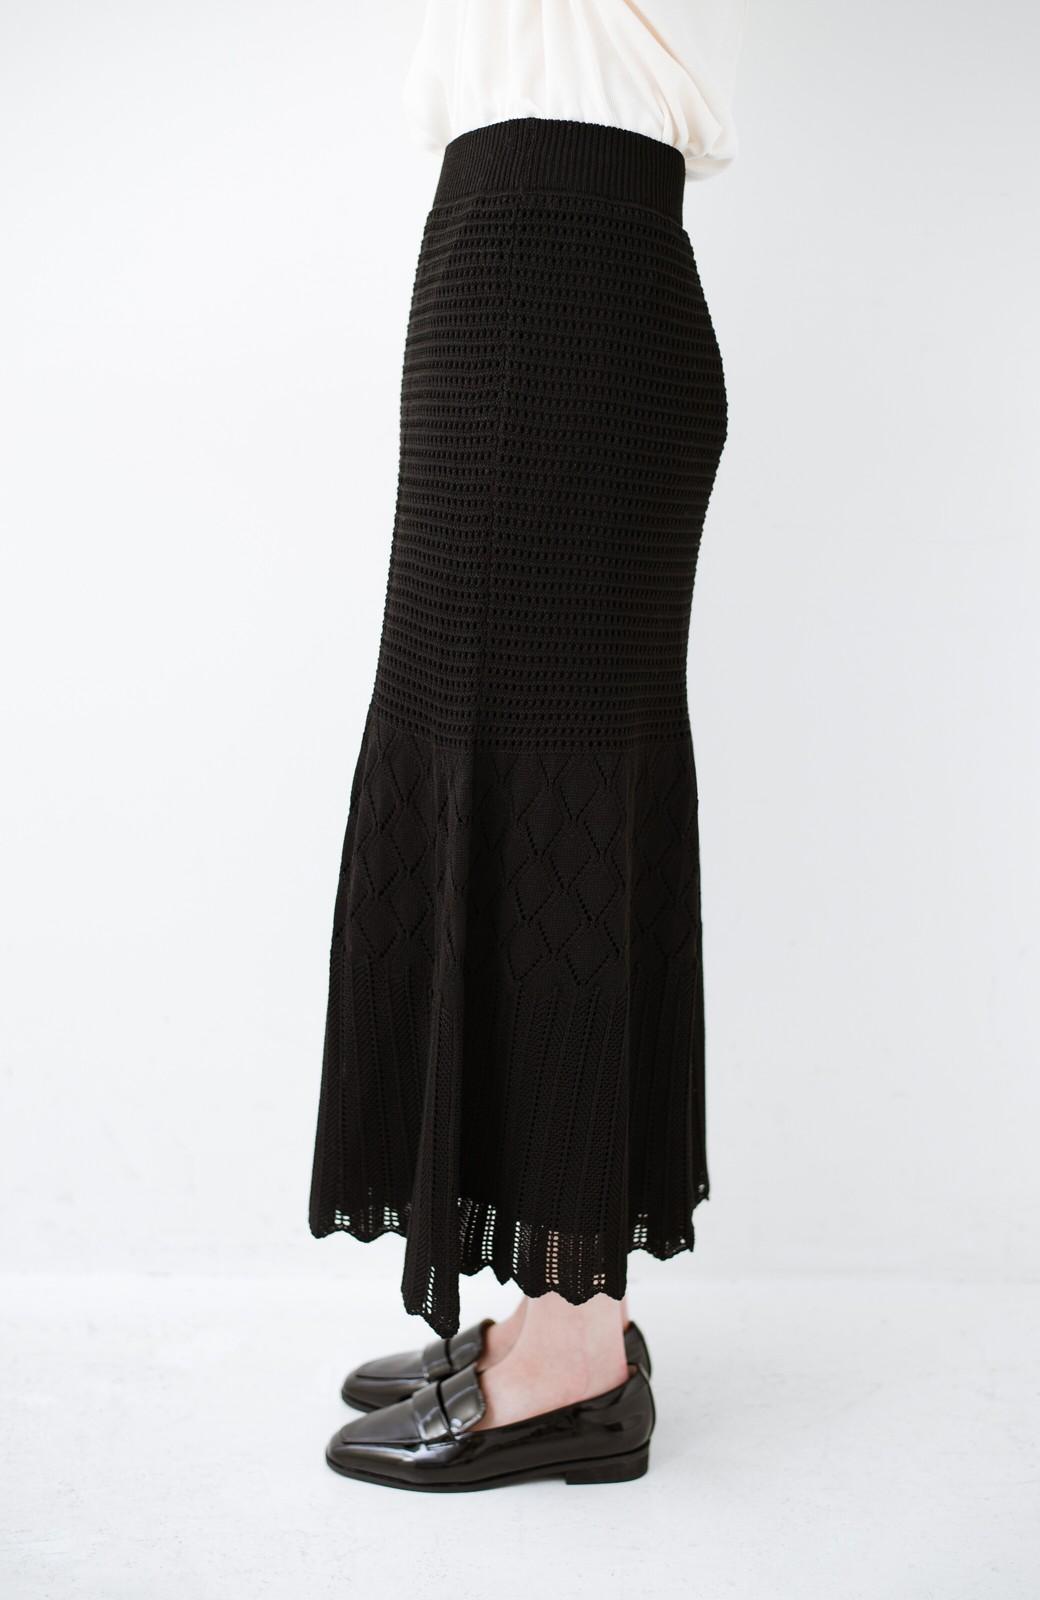 haco! 単品はもちろん重ね着してもかわいさが増す!透かし編みマーメイドスカート <ブラック>の商品写真5